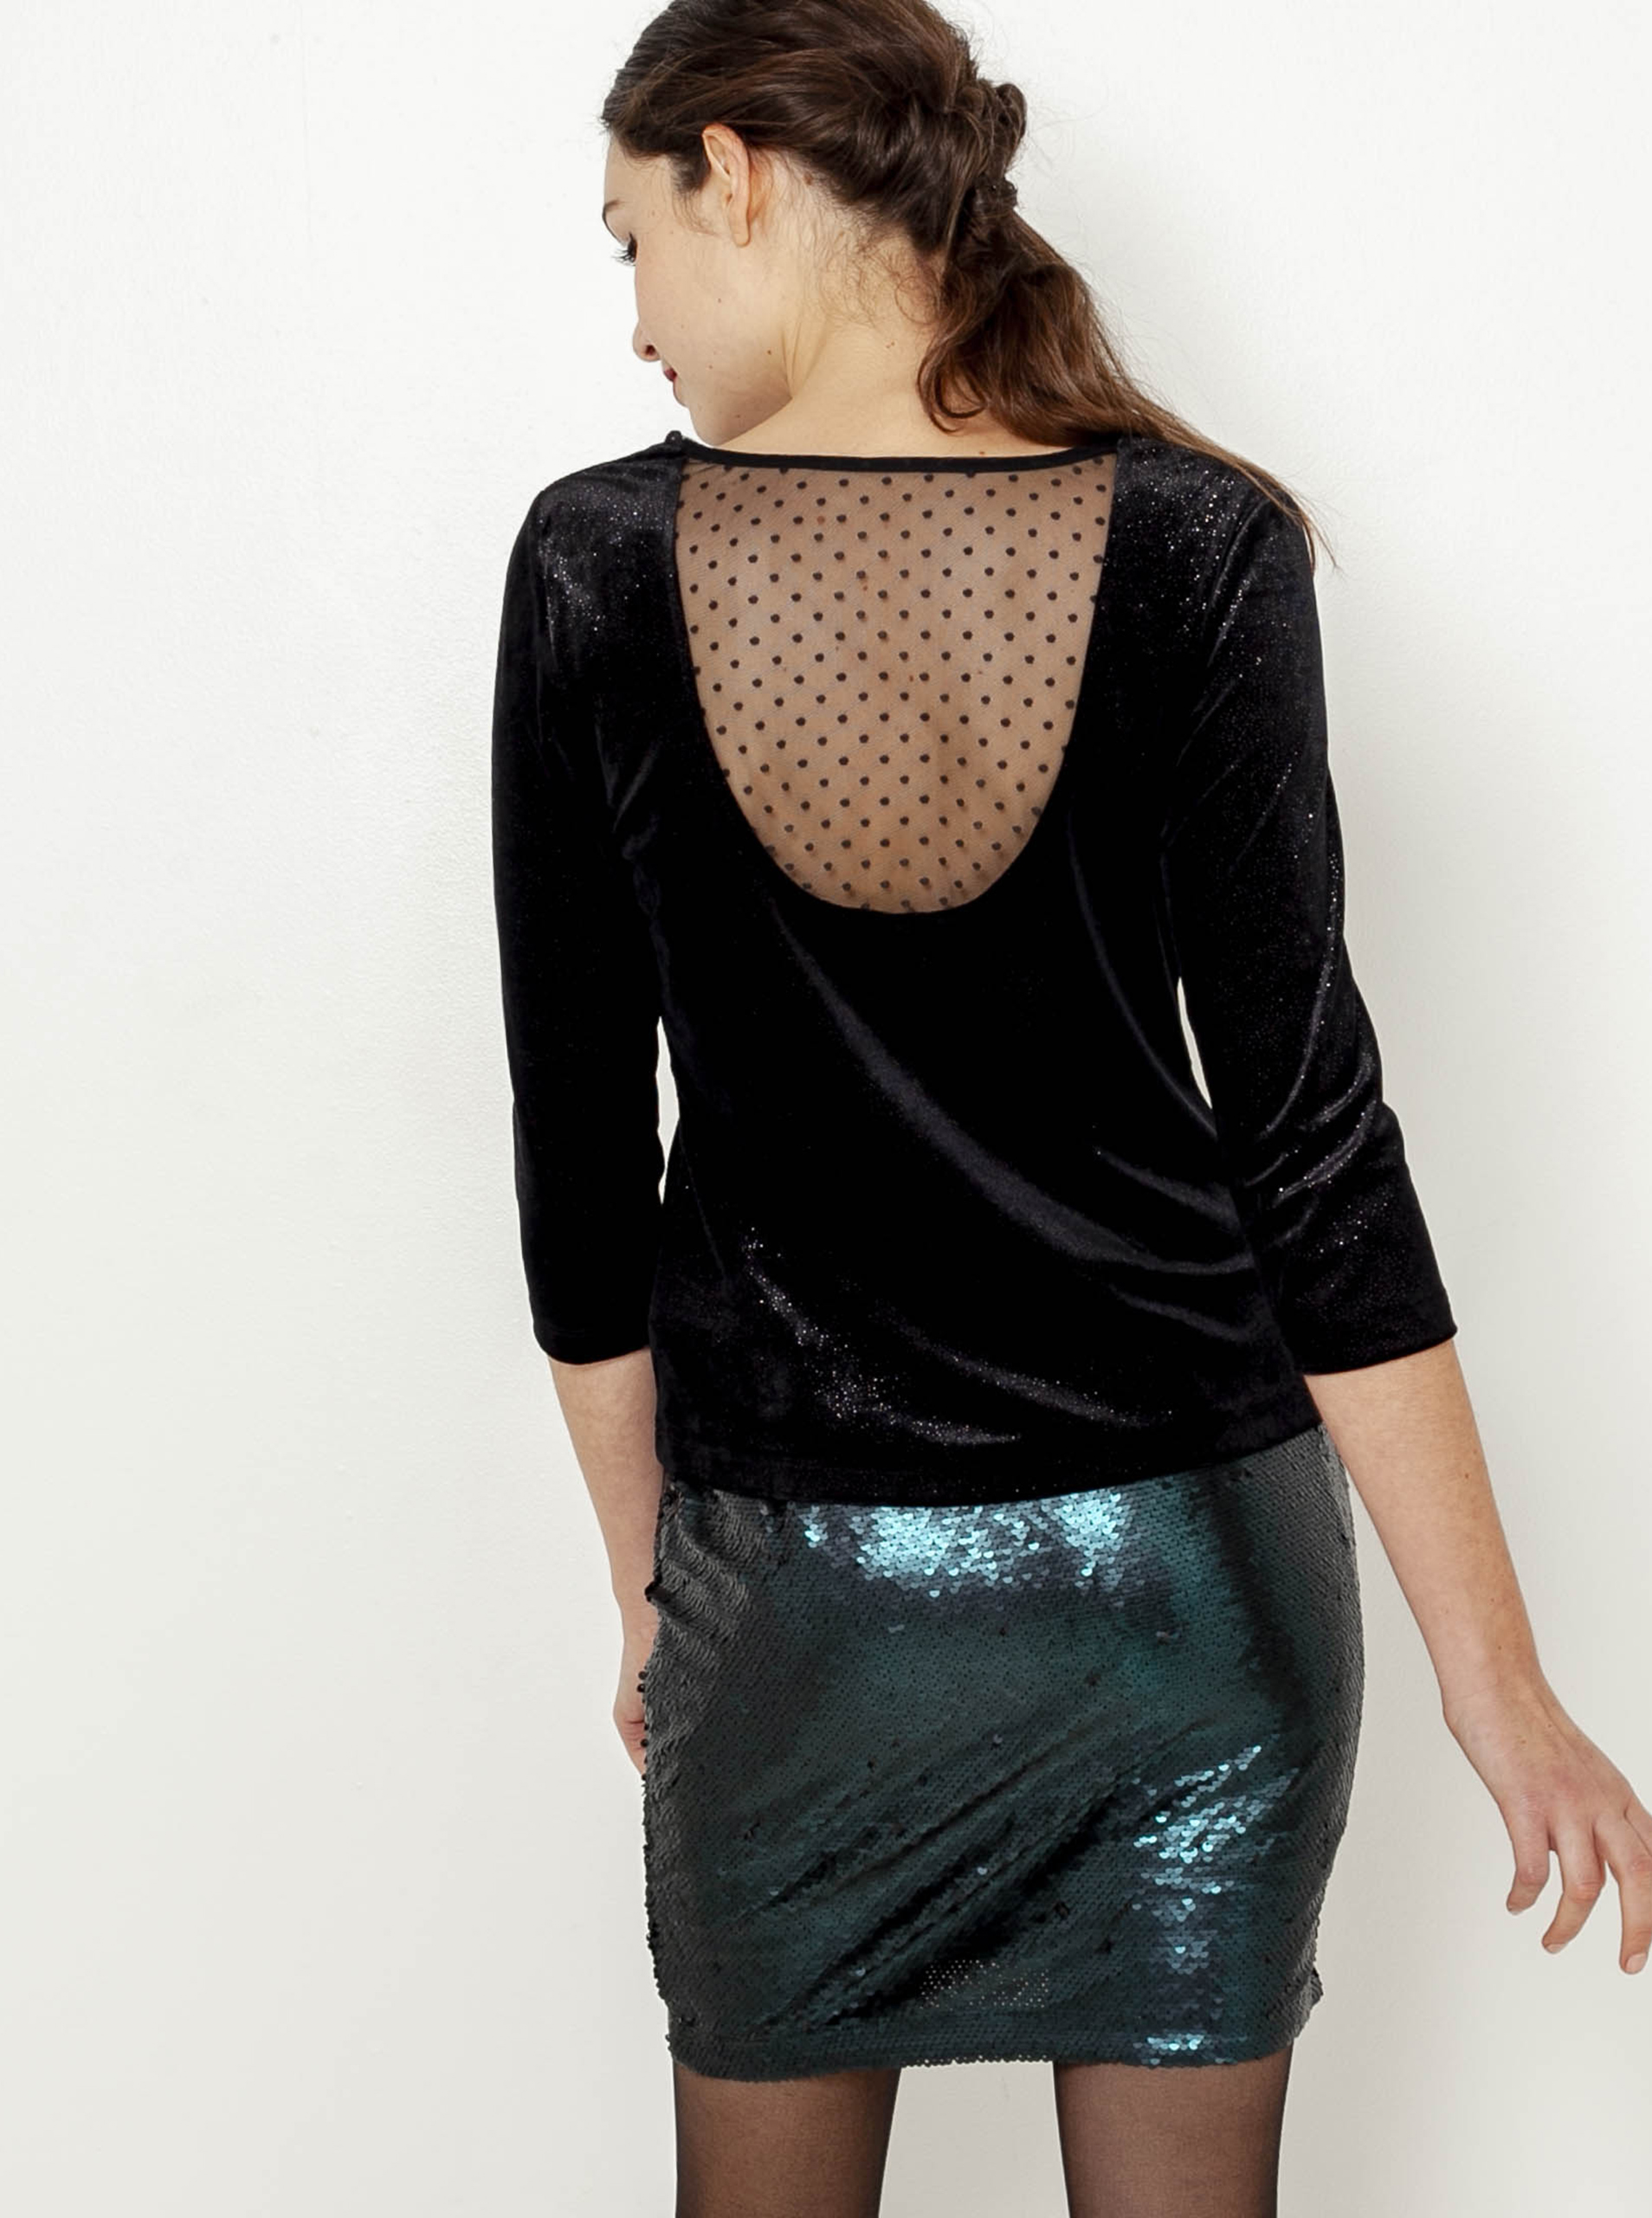 CAMAIEU black blouse with lace